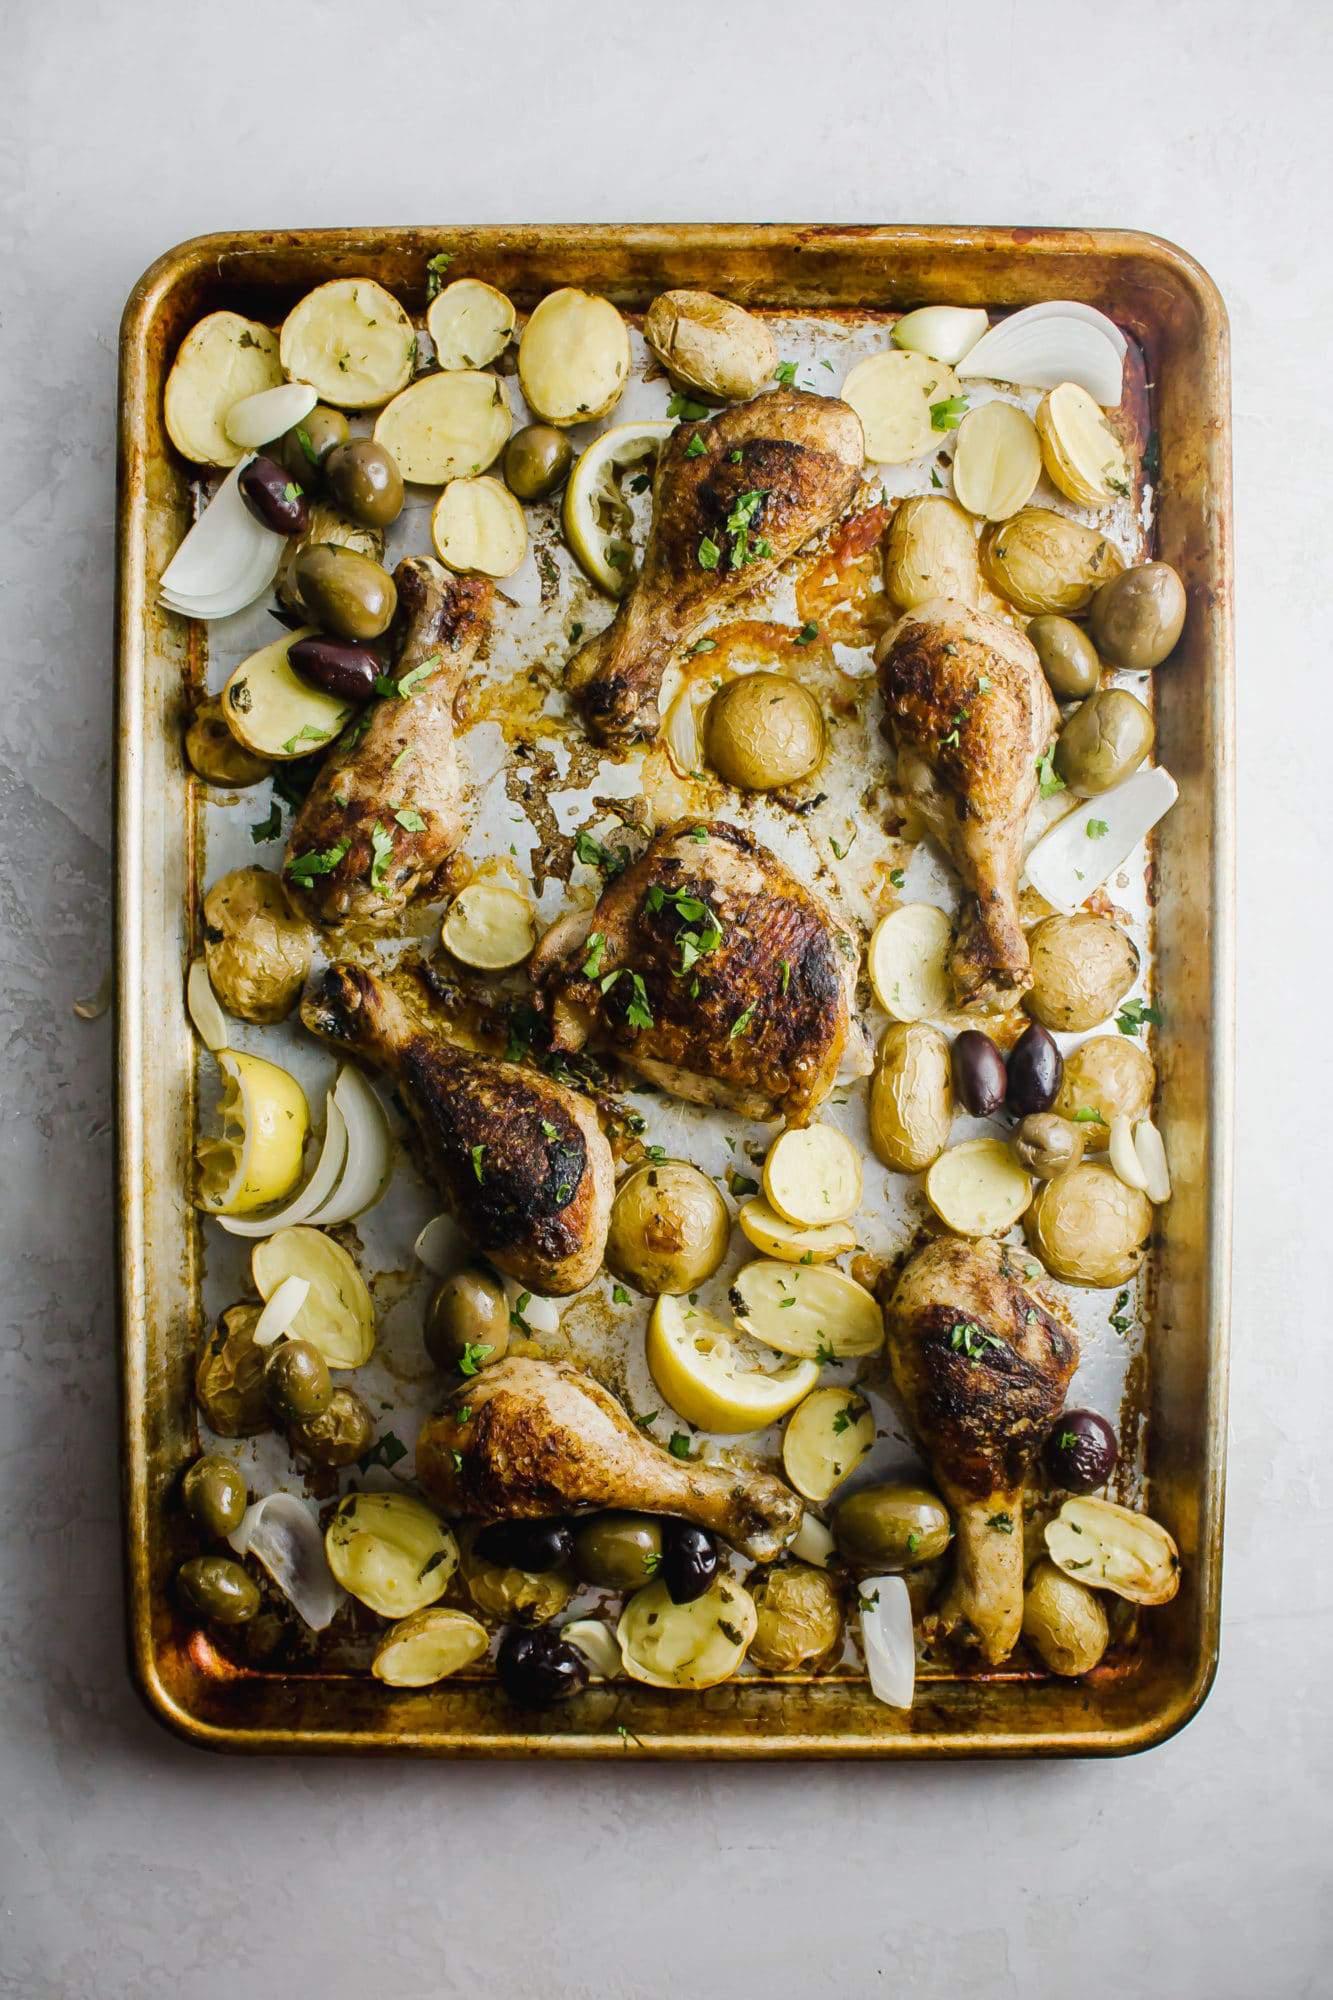 Crispy Mediterranean Spiced Chicken